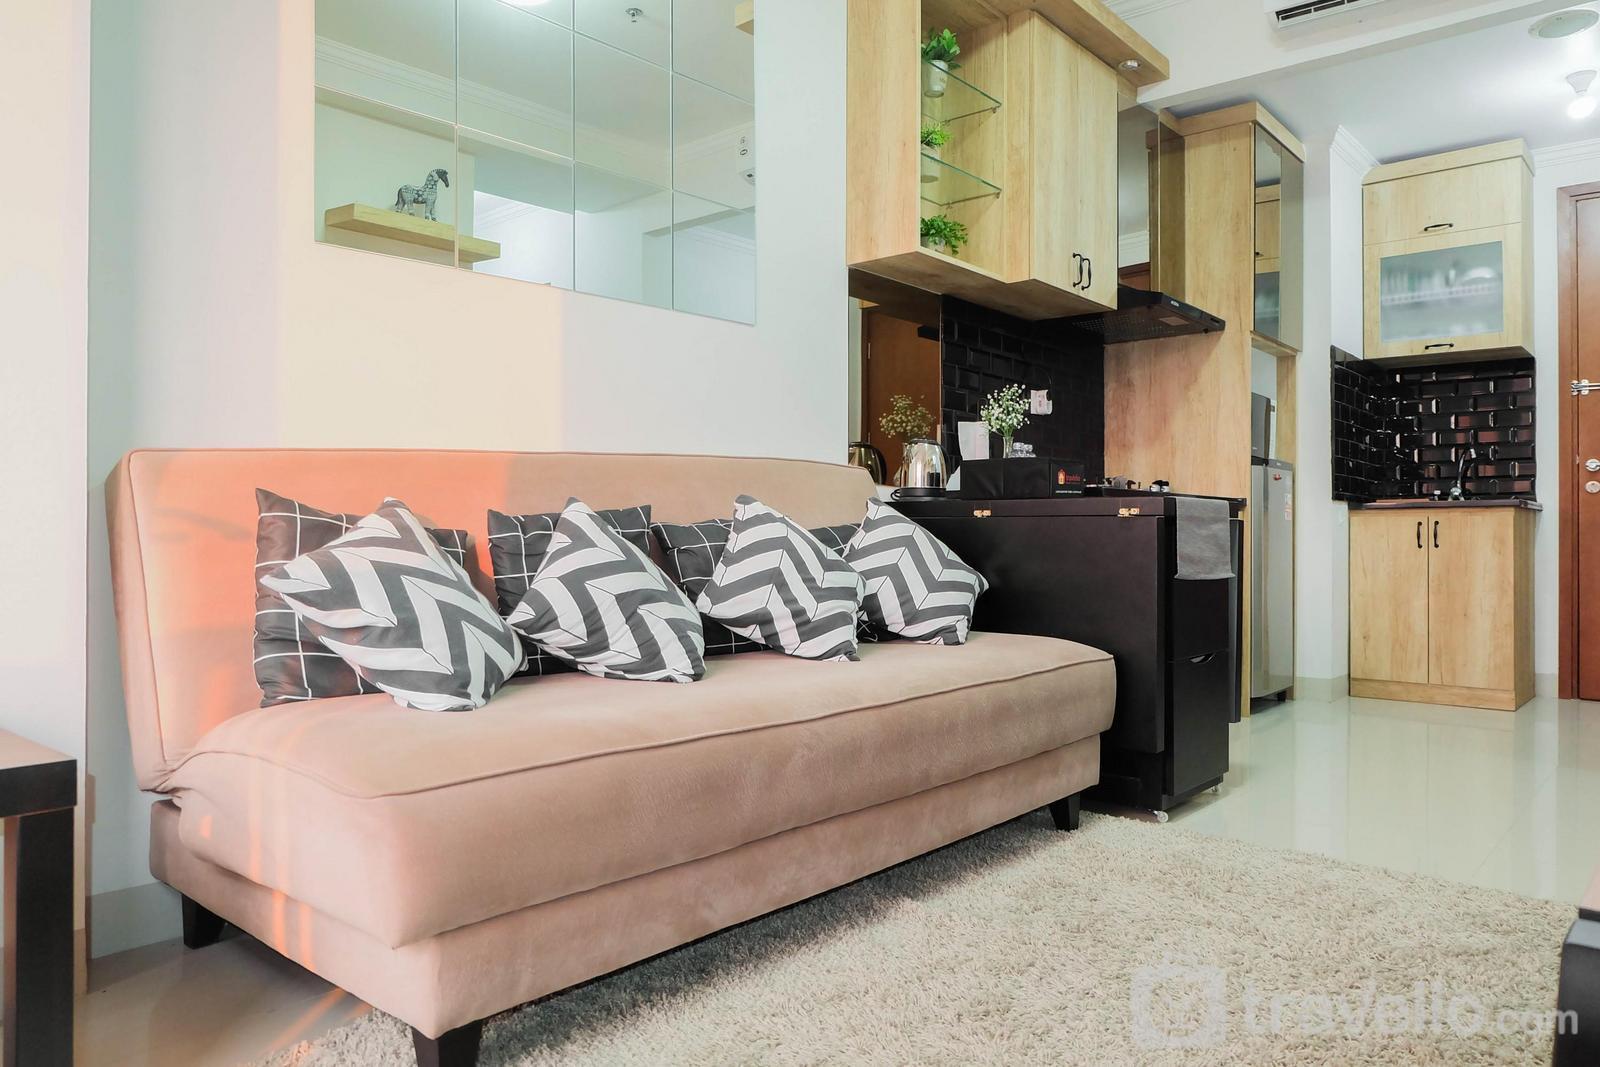 Apartemen Signature Park Grande - Homey Rustic 2BR Apartment at Signature Park Grande By Travelio